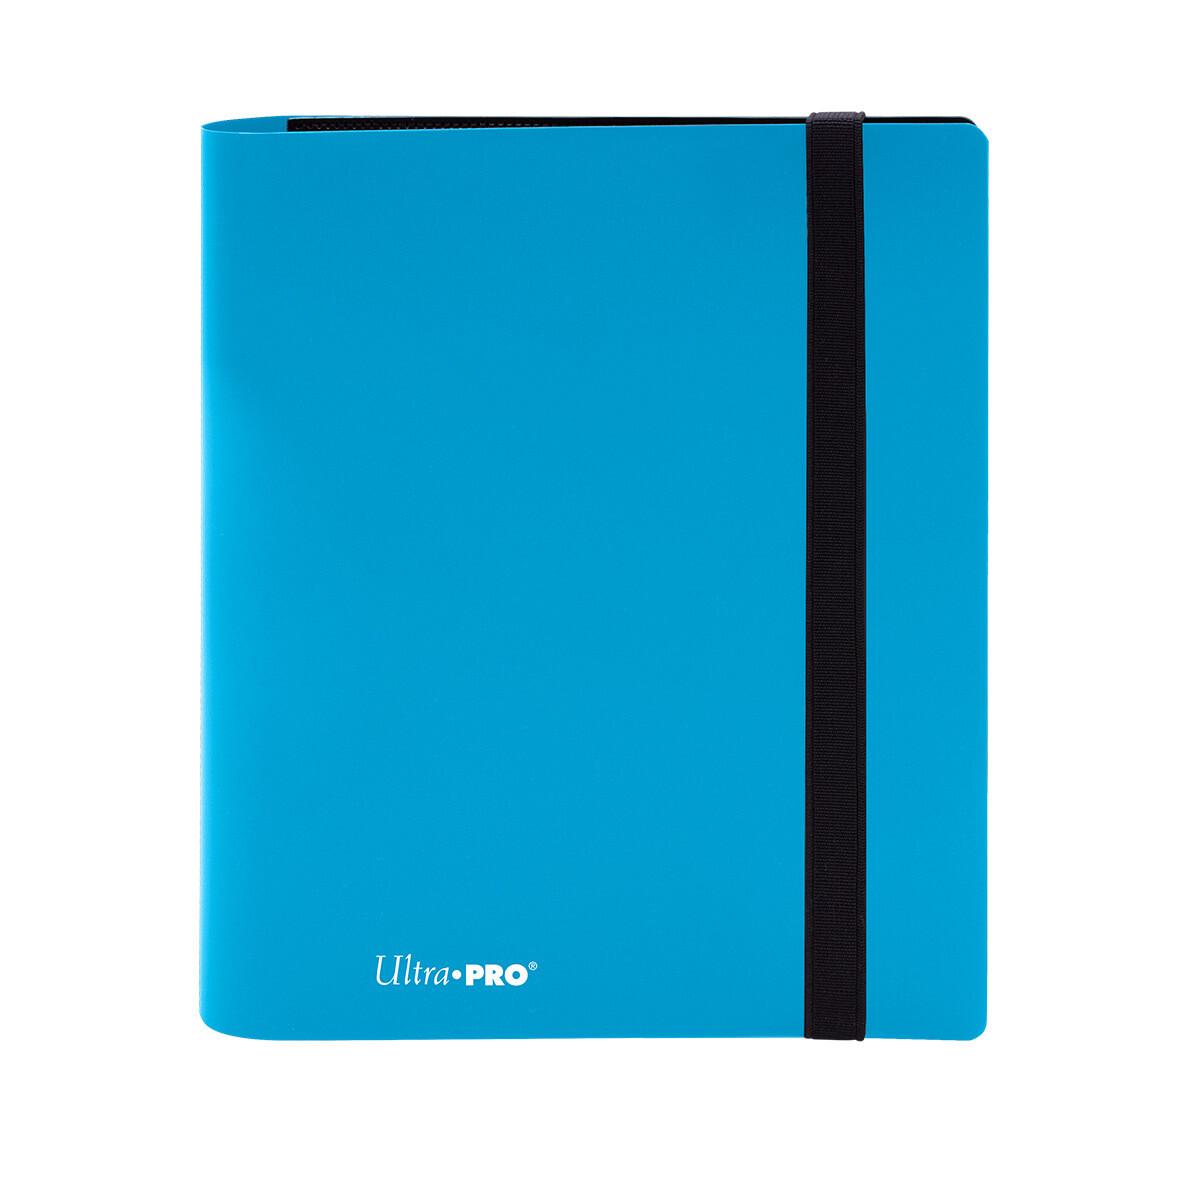 Binder: Ultra Pro: 4 Pocket Eclipse Sky Blue